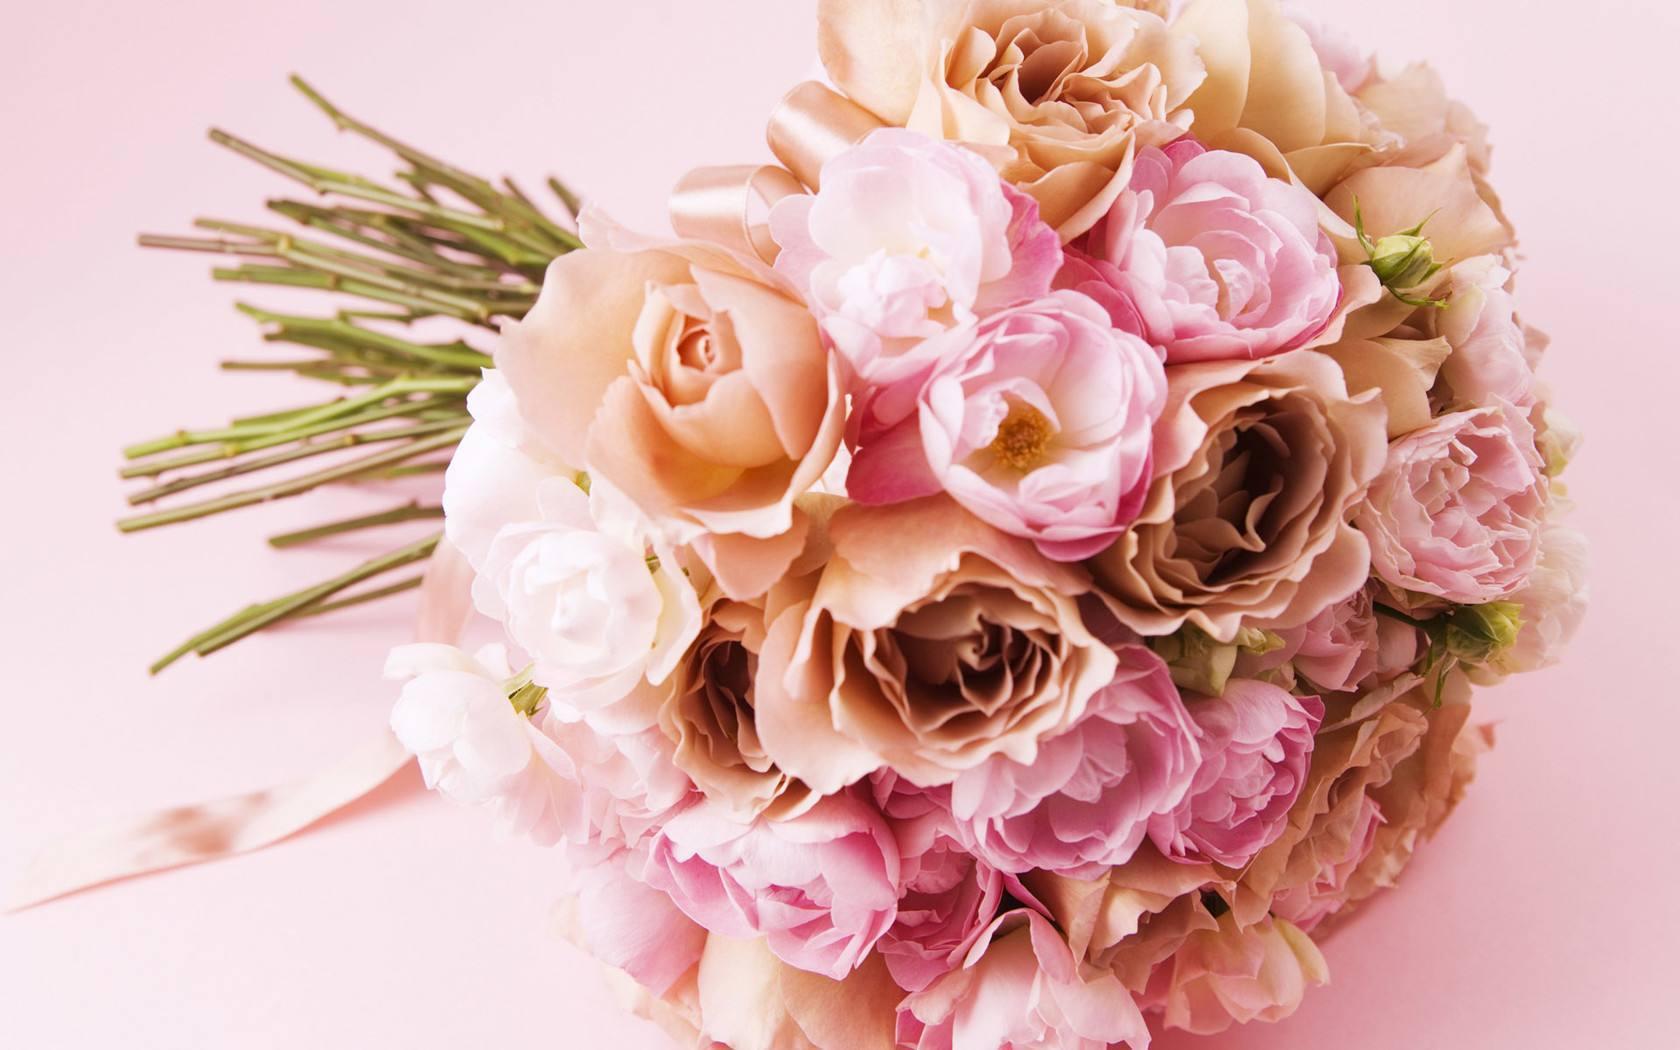 结婚周年纪念日祝福语一句话经典大全